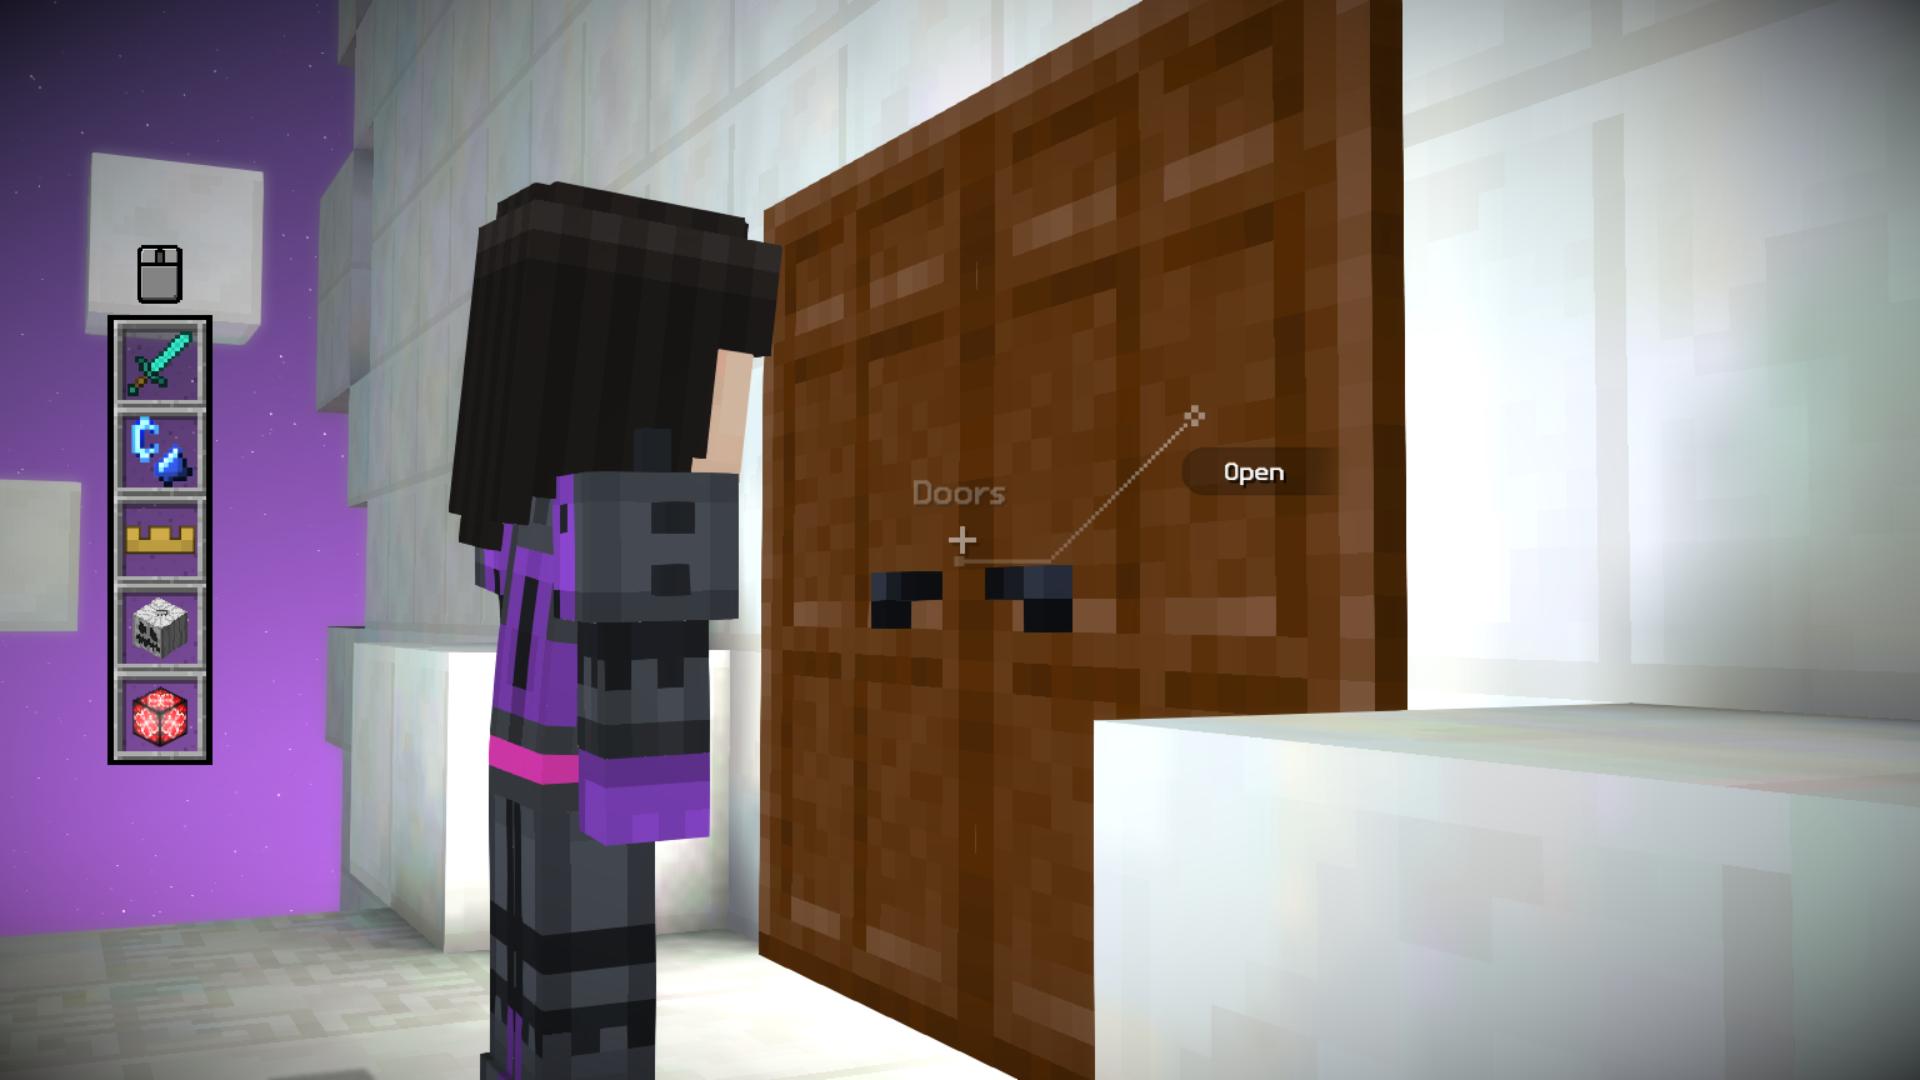 minecraft door. Doors.png Minecraft Door